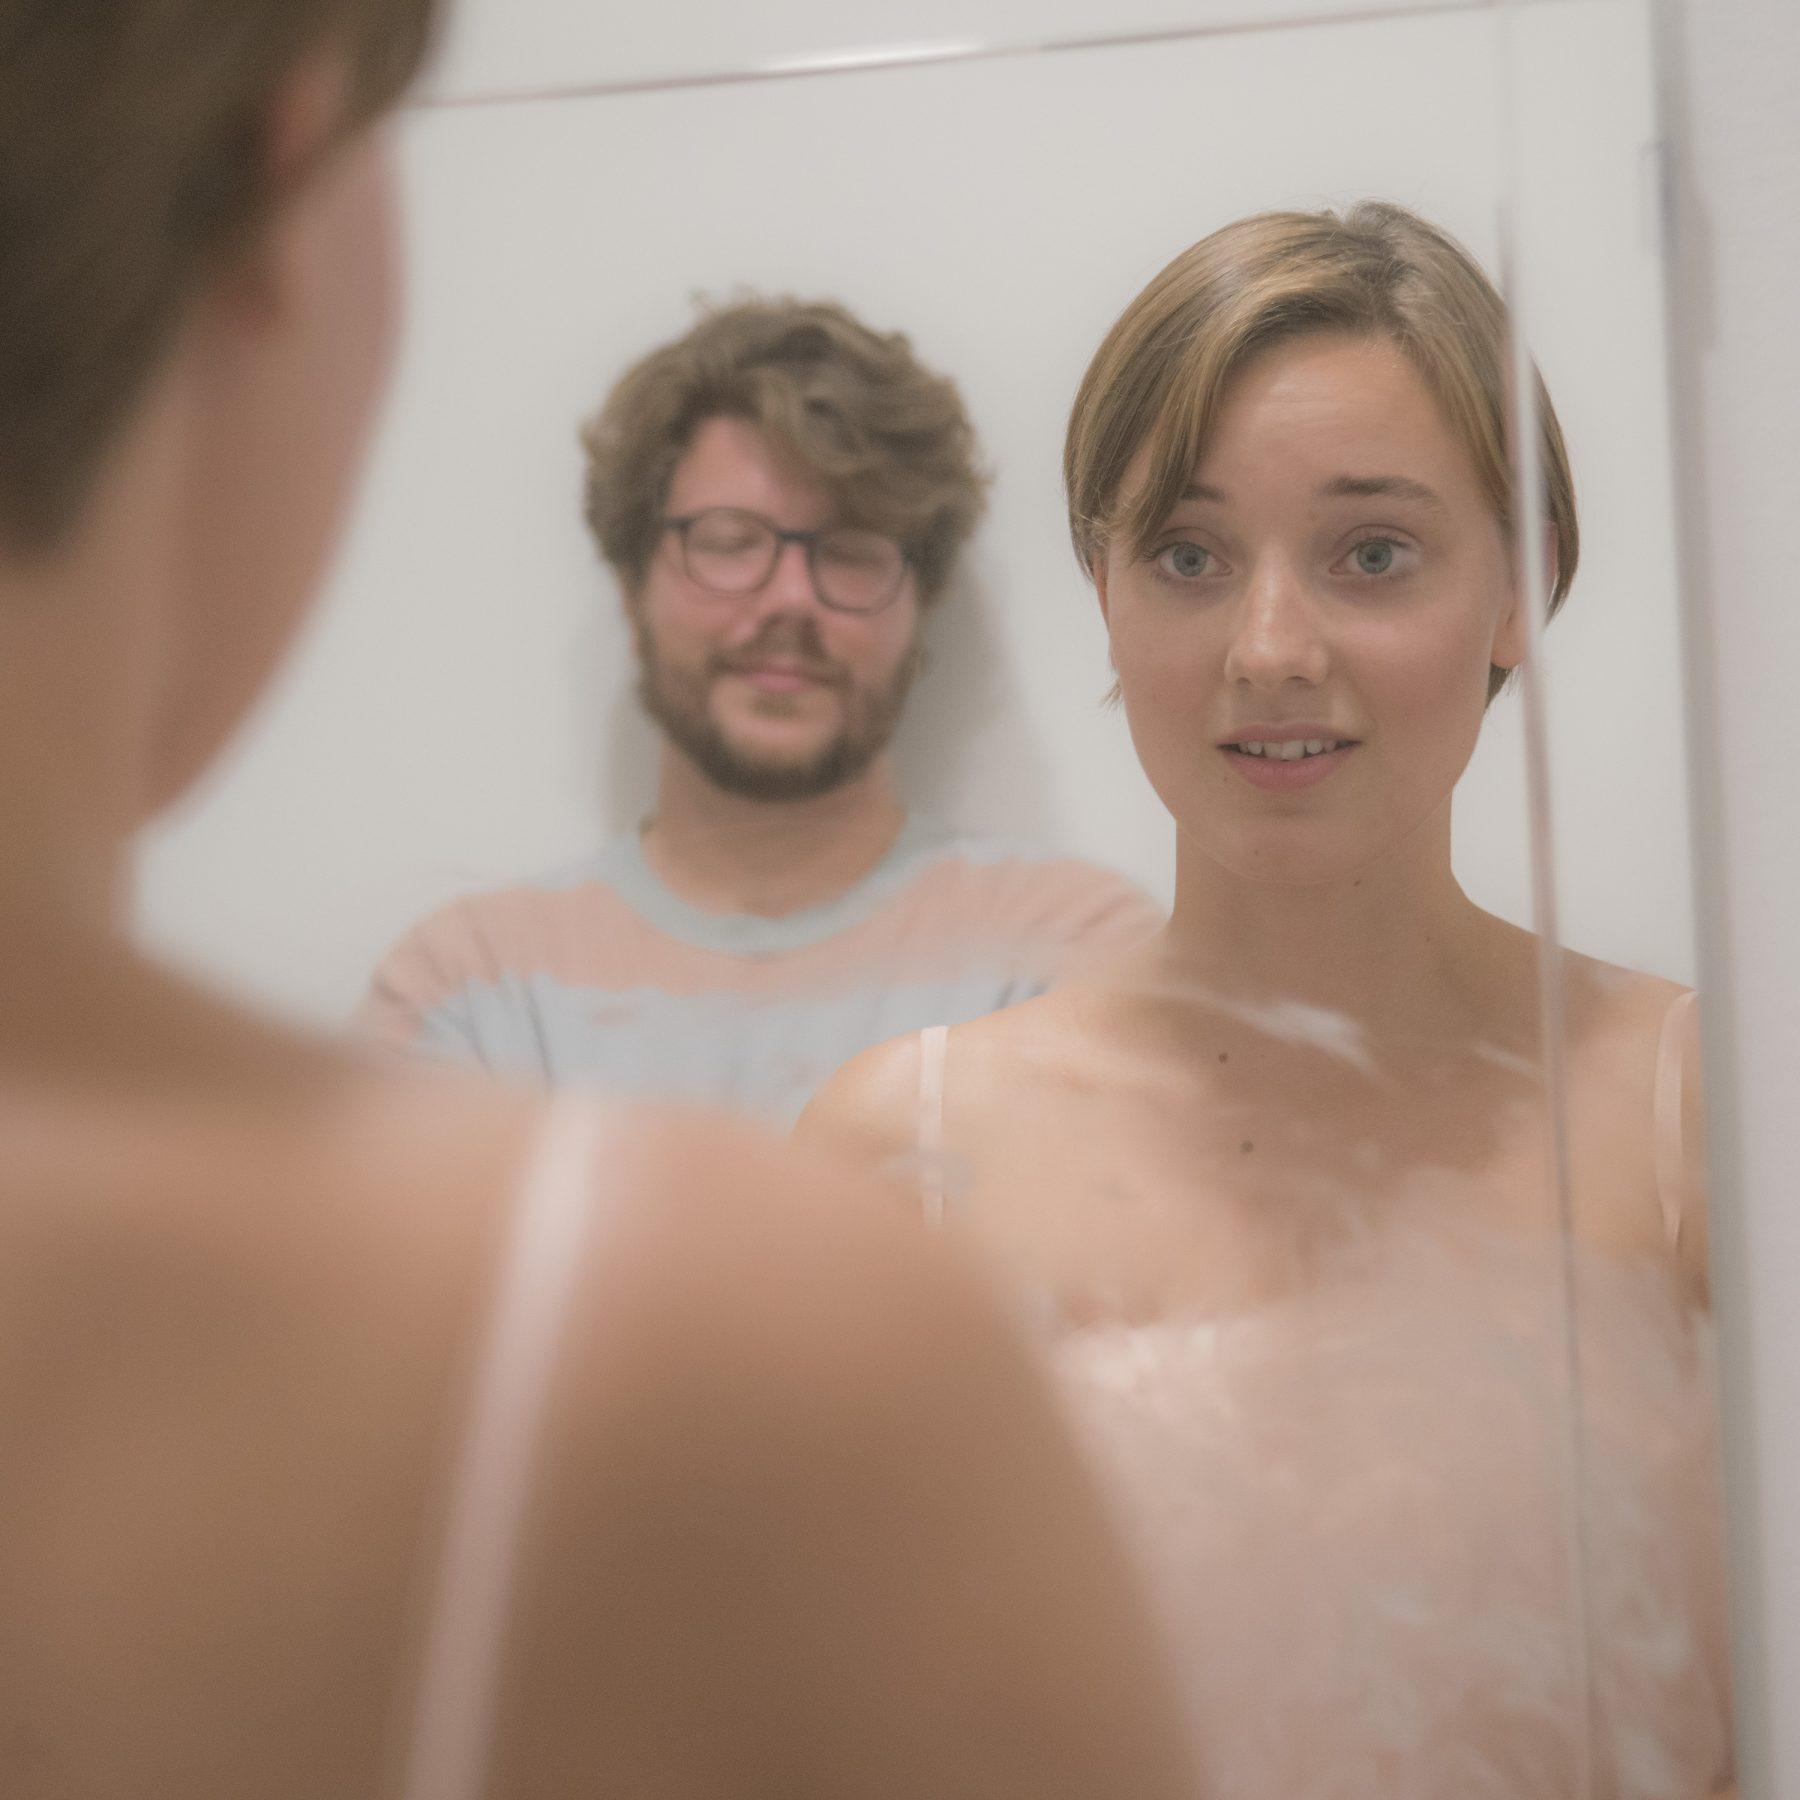 Teaterfotografering: Mig og min menstruationskop